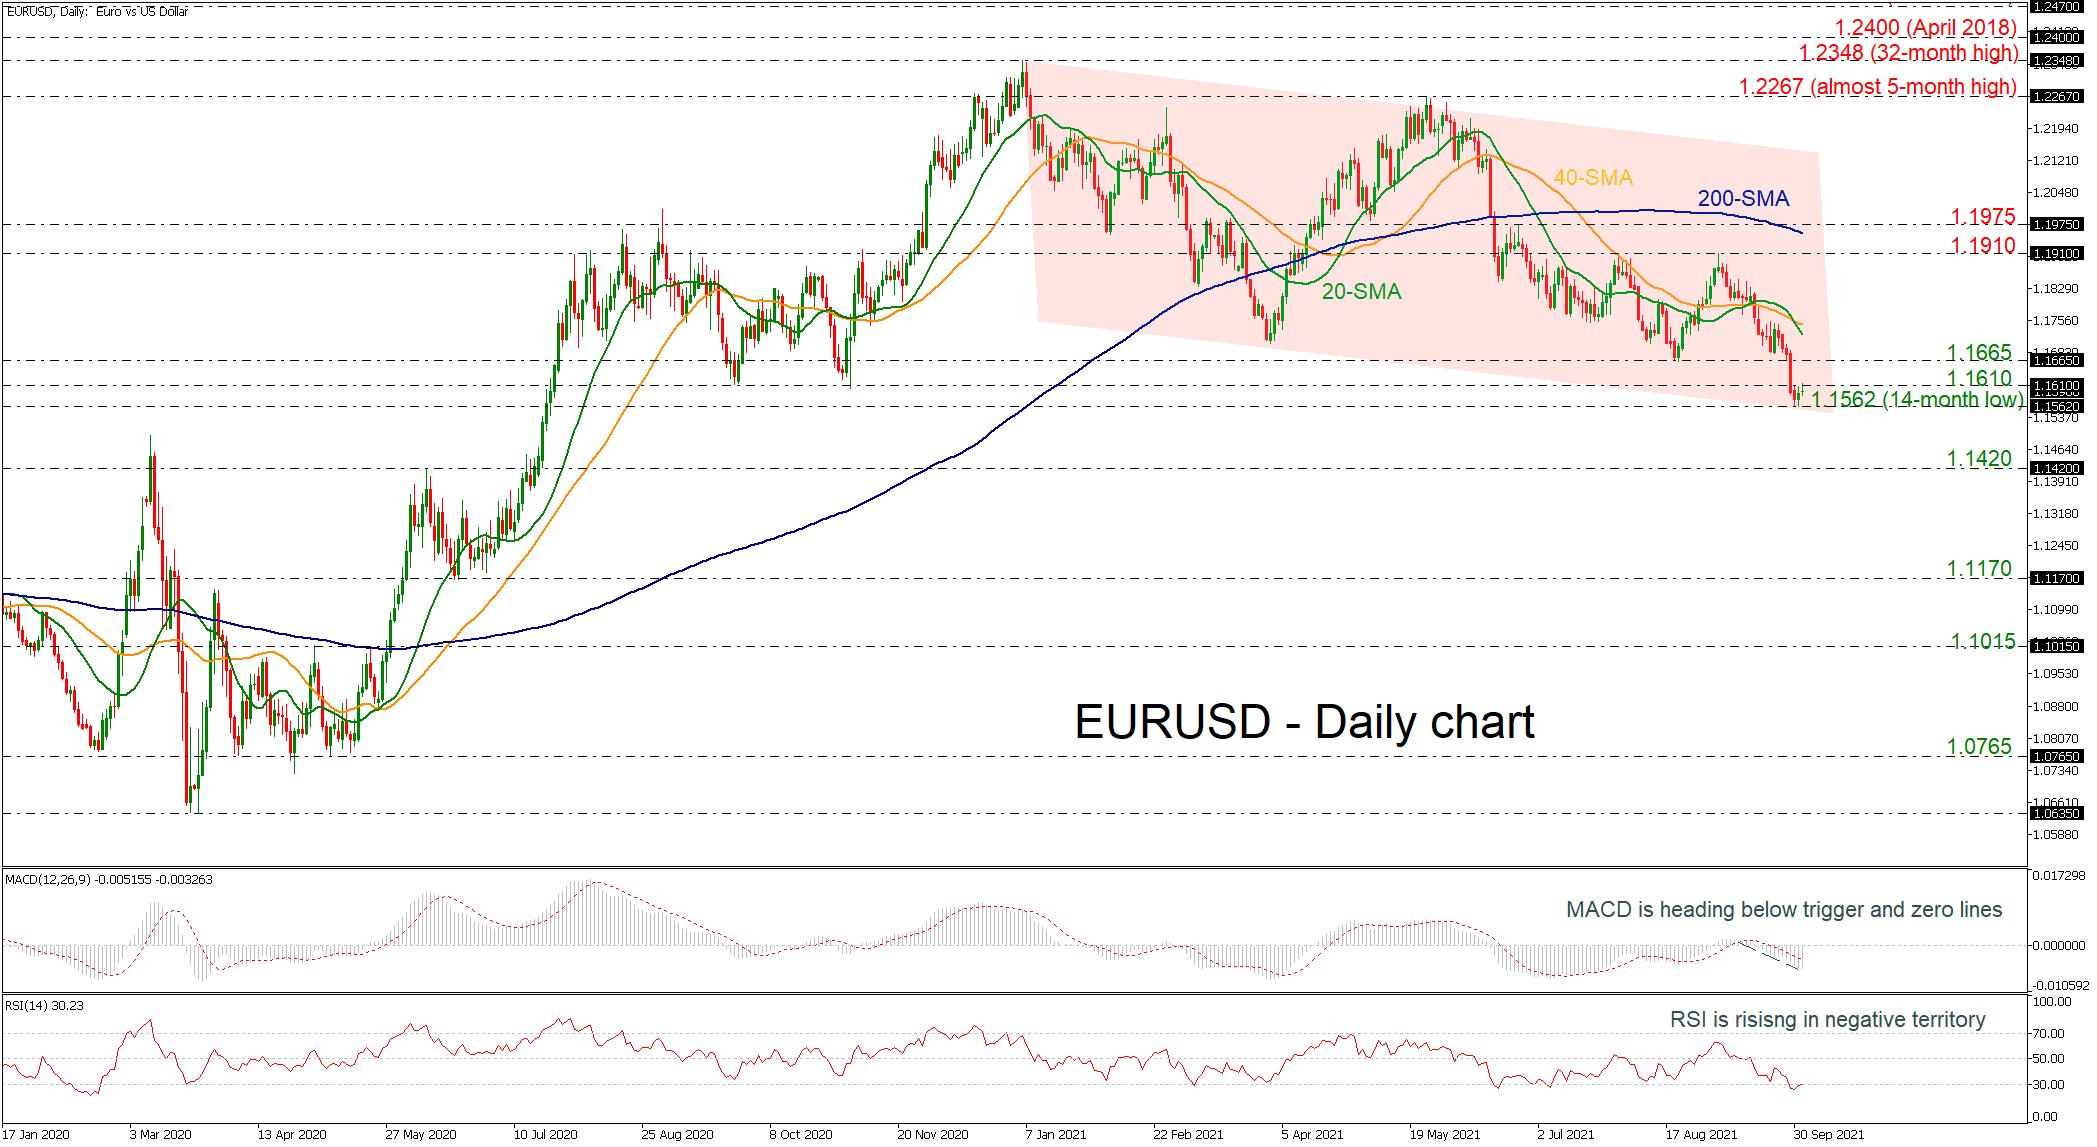 التحليل الفنى EURUSD اليورو دولار - 04.10.2021